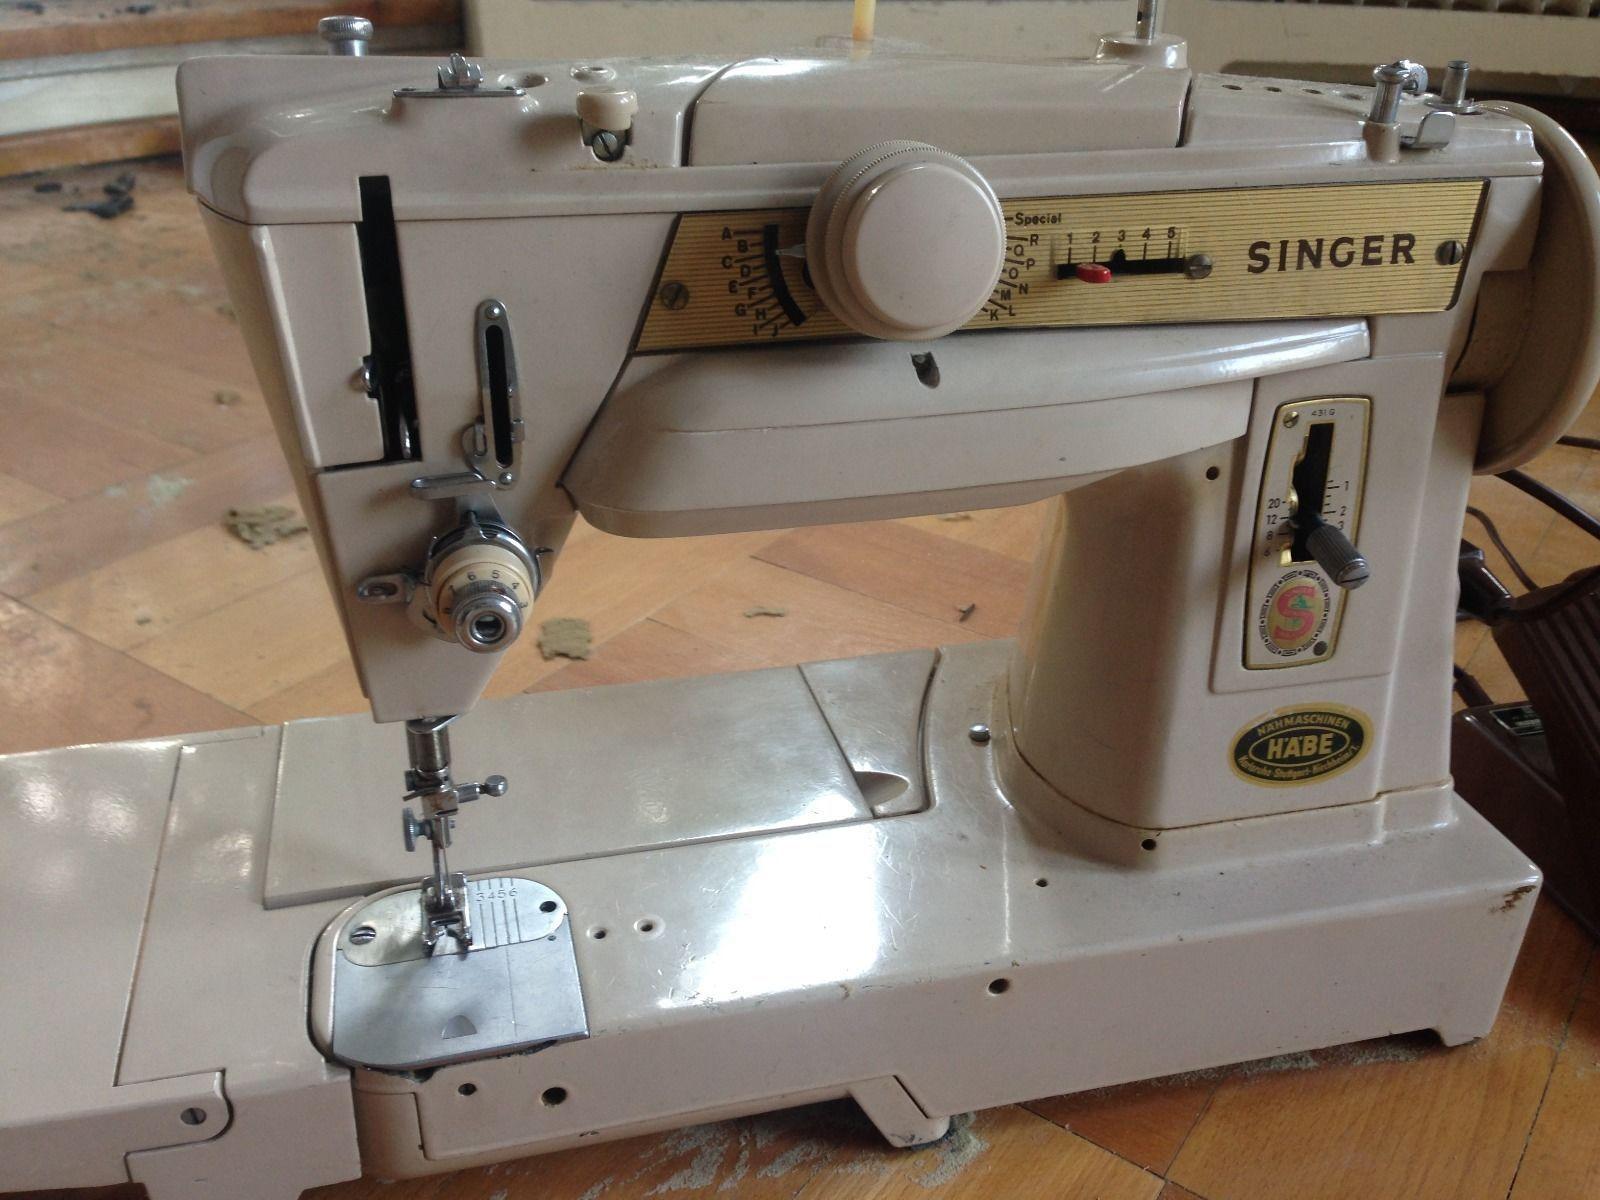 Singer Nähmaschine Modell 431 G | eBay